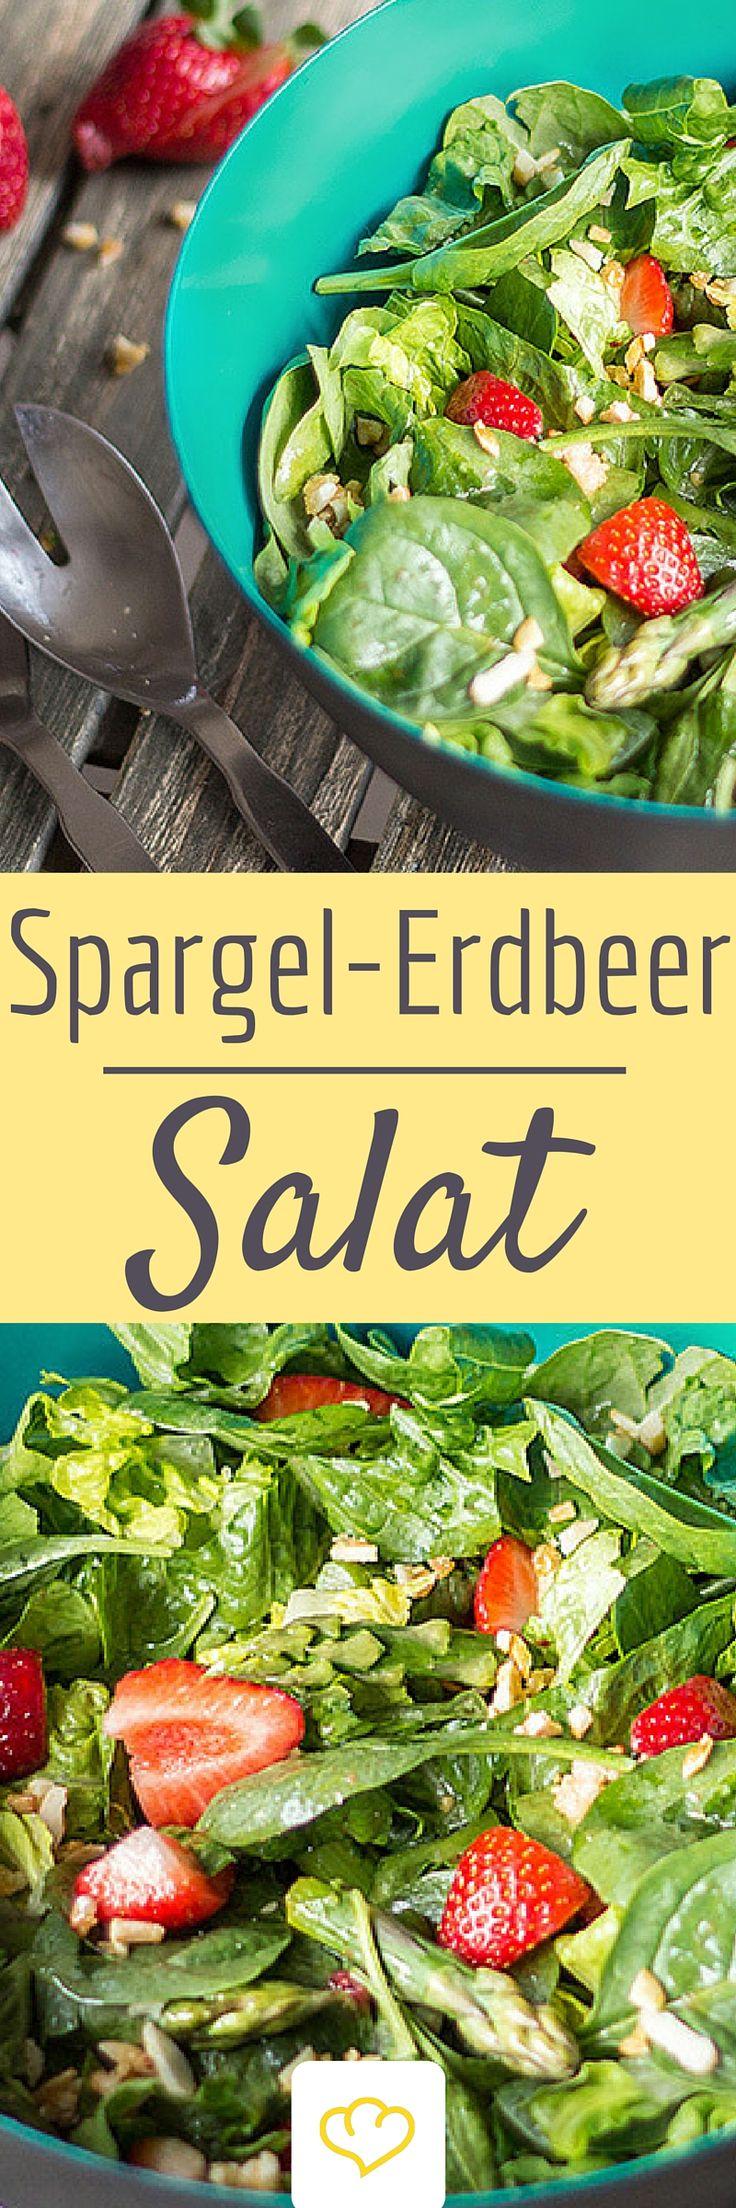 Spargel-Salat mit Erdbeeren - perfekt für schöne Grillabende oder ein leichtes Mittagessen an der frischen Luft.